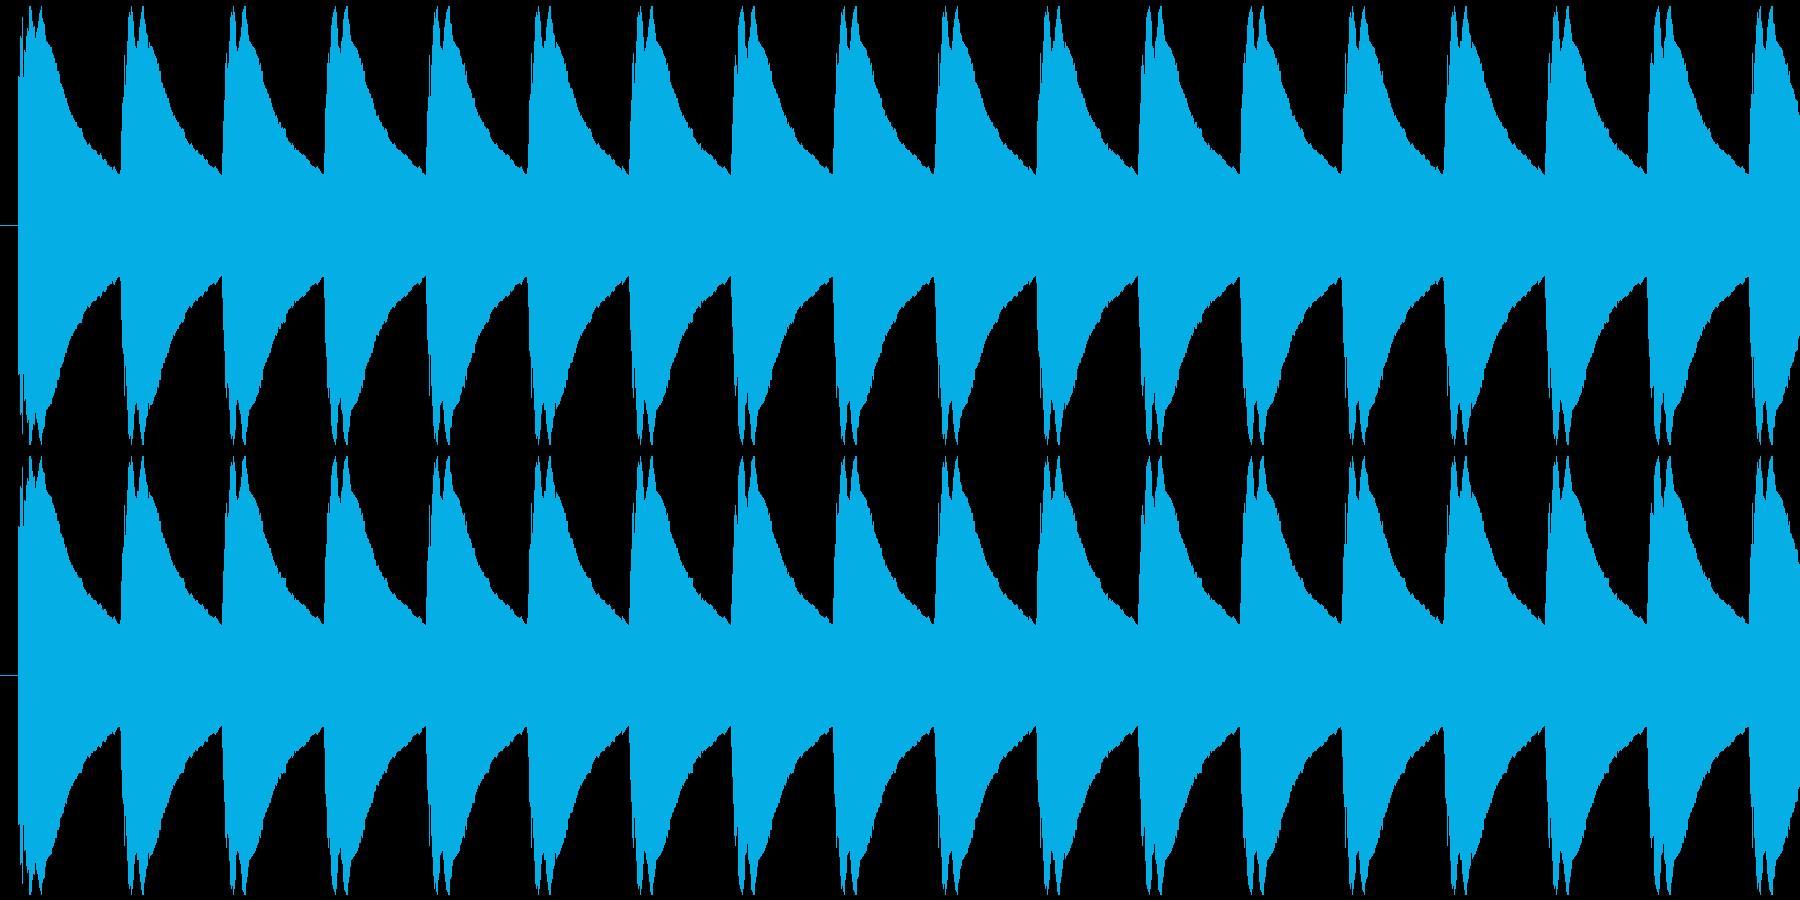 ゲージ増減 得点などの集計 ティリリリ…の再生済みの波形